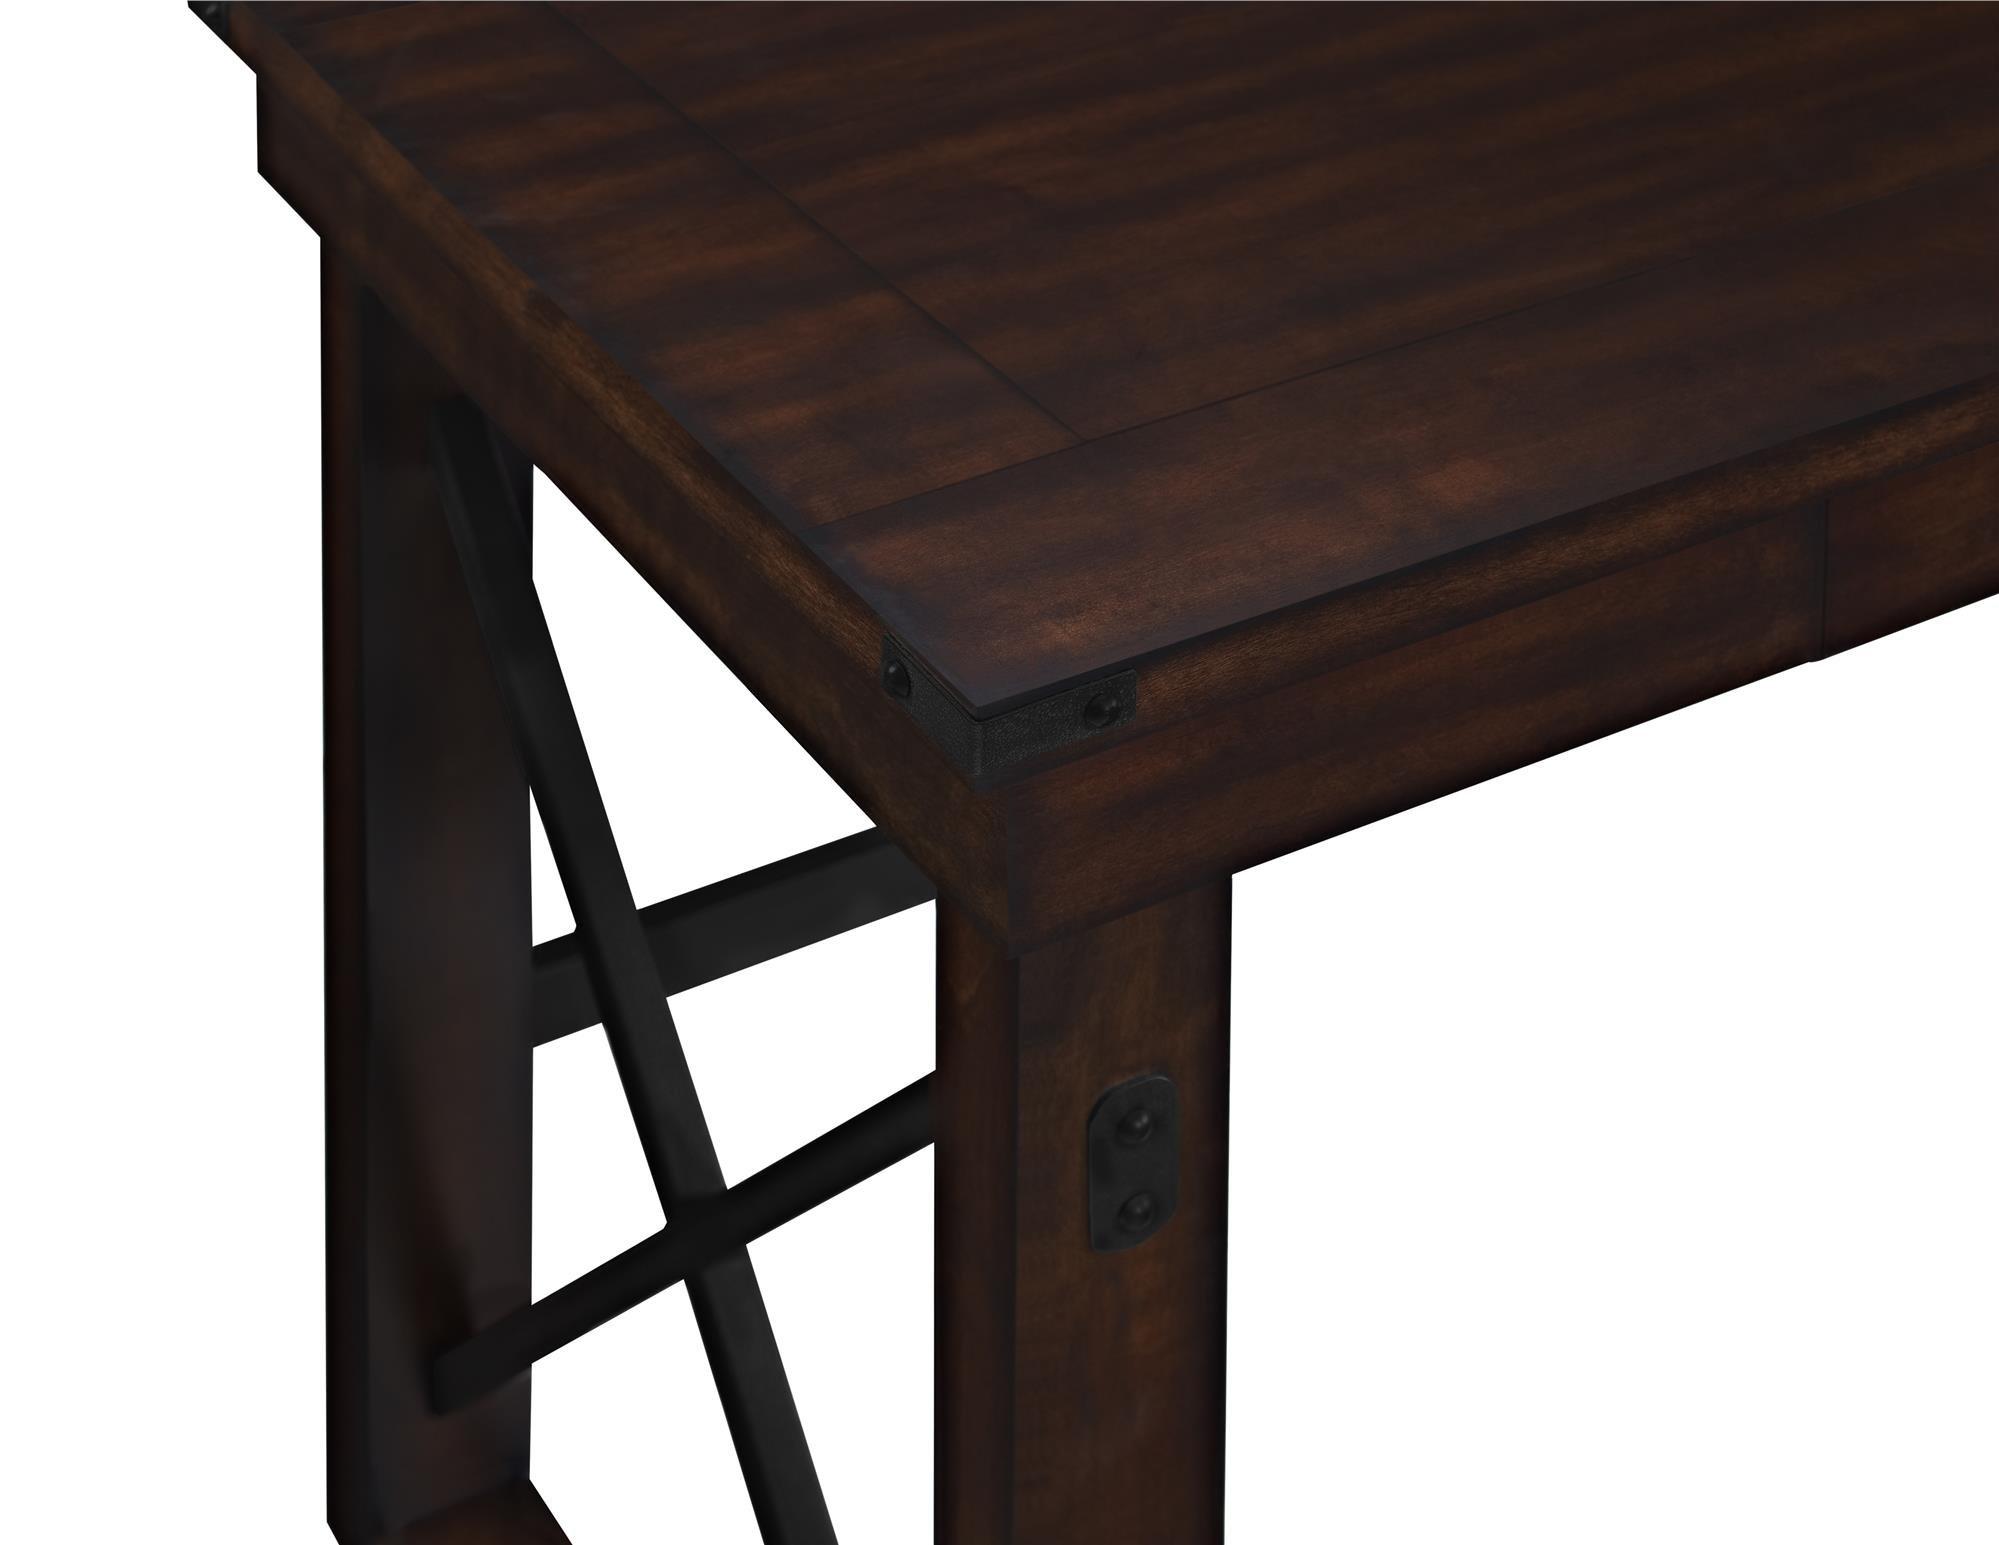 Ameriwood Home Wildwood Wood Veneer  Desk, Espresso by Ameriwood Home (Image #3)